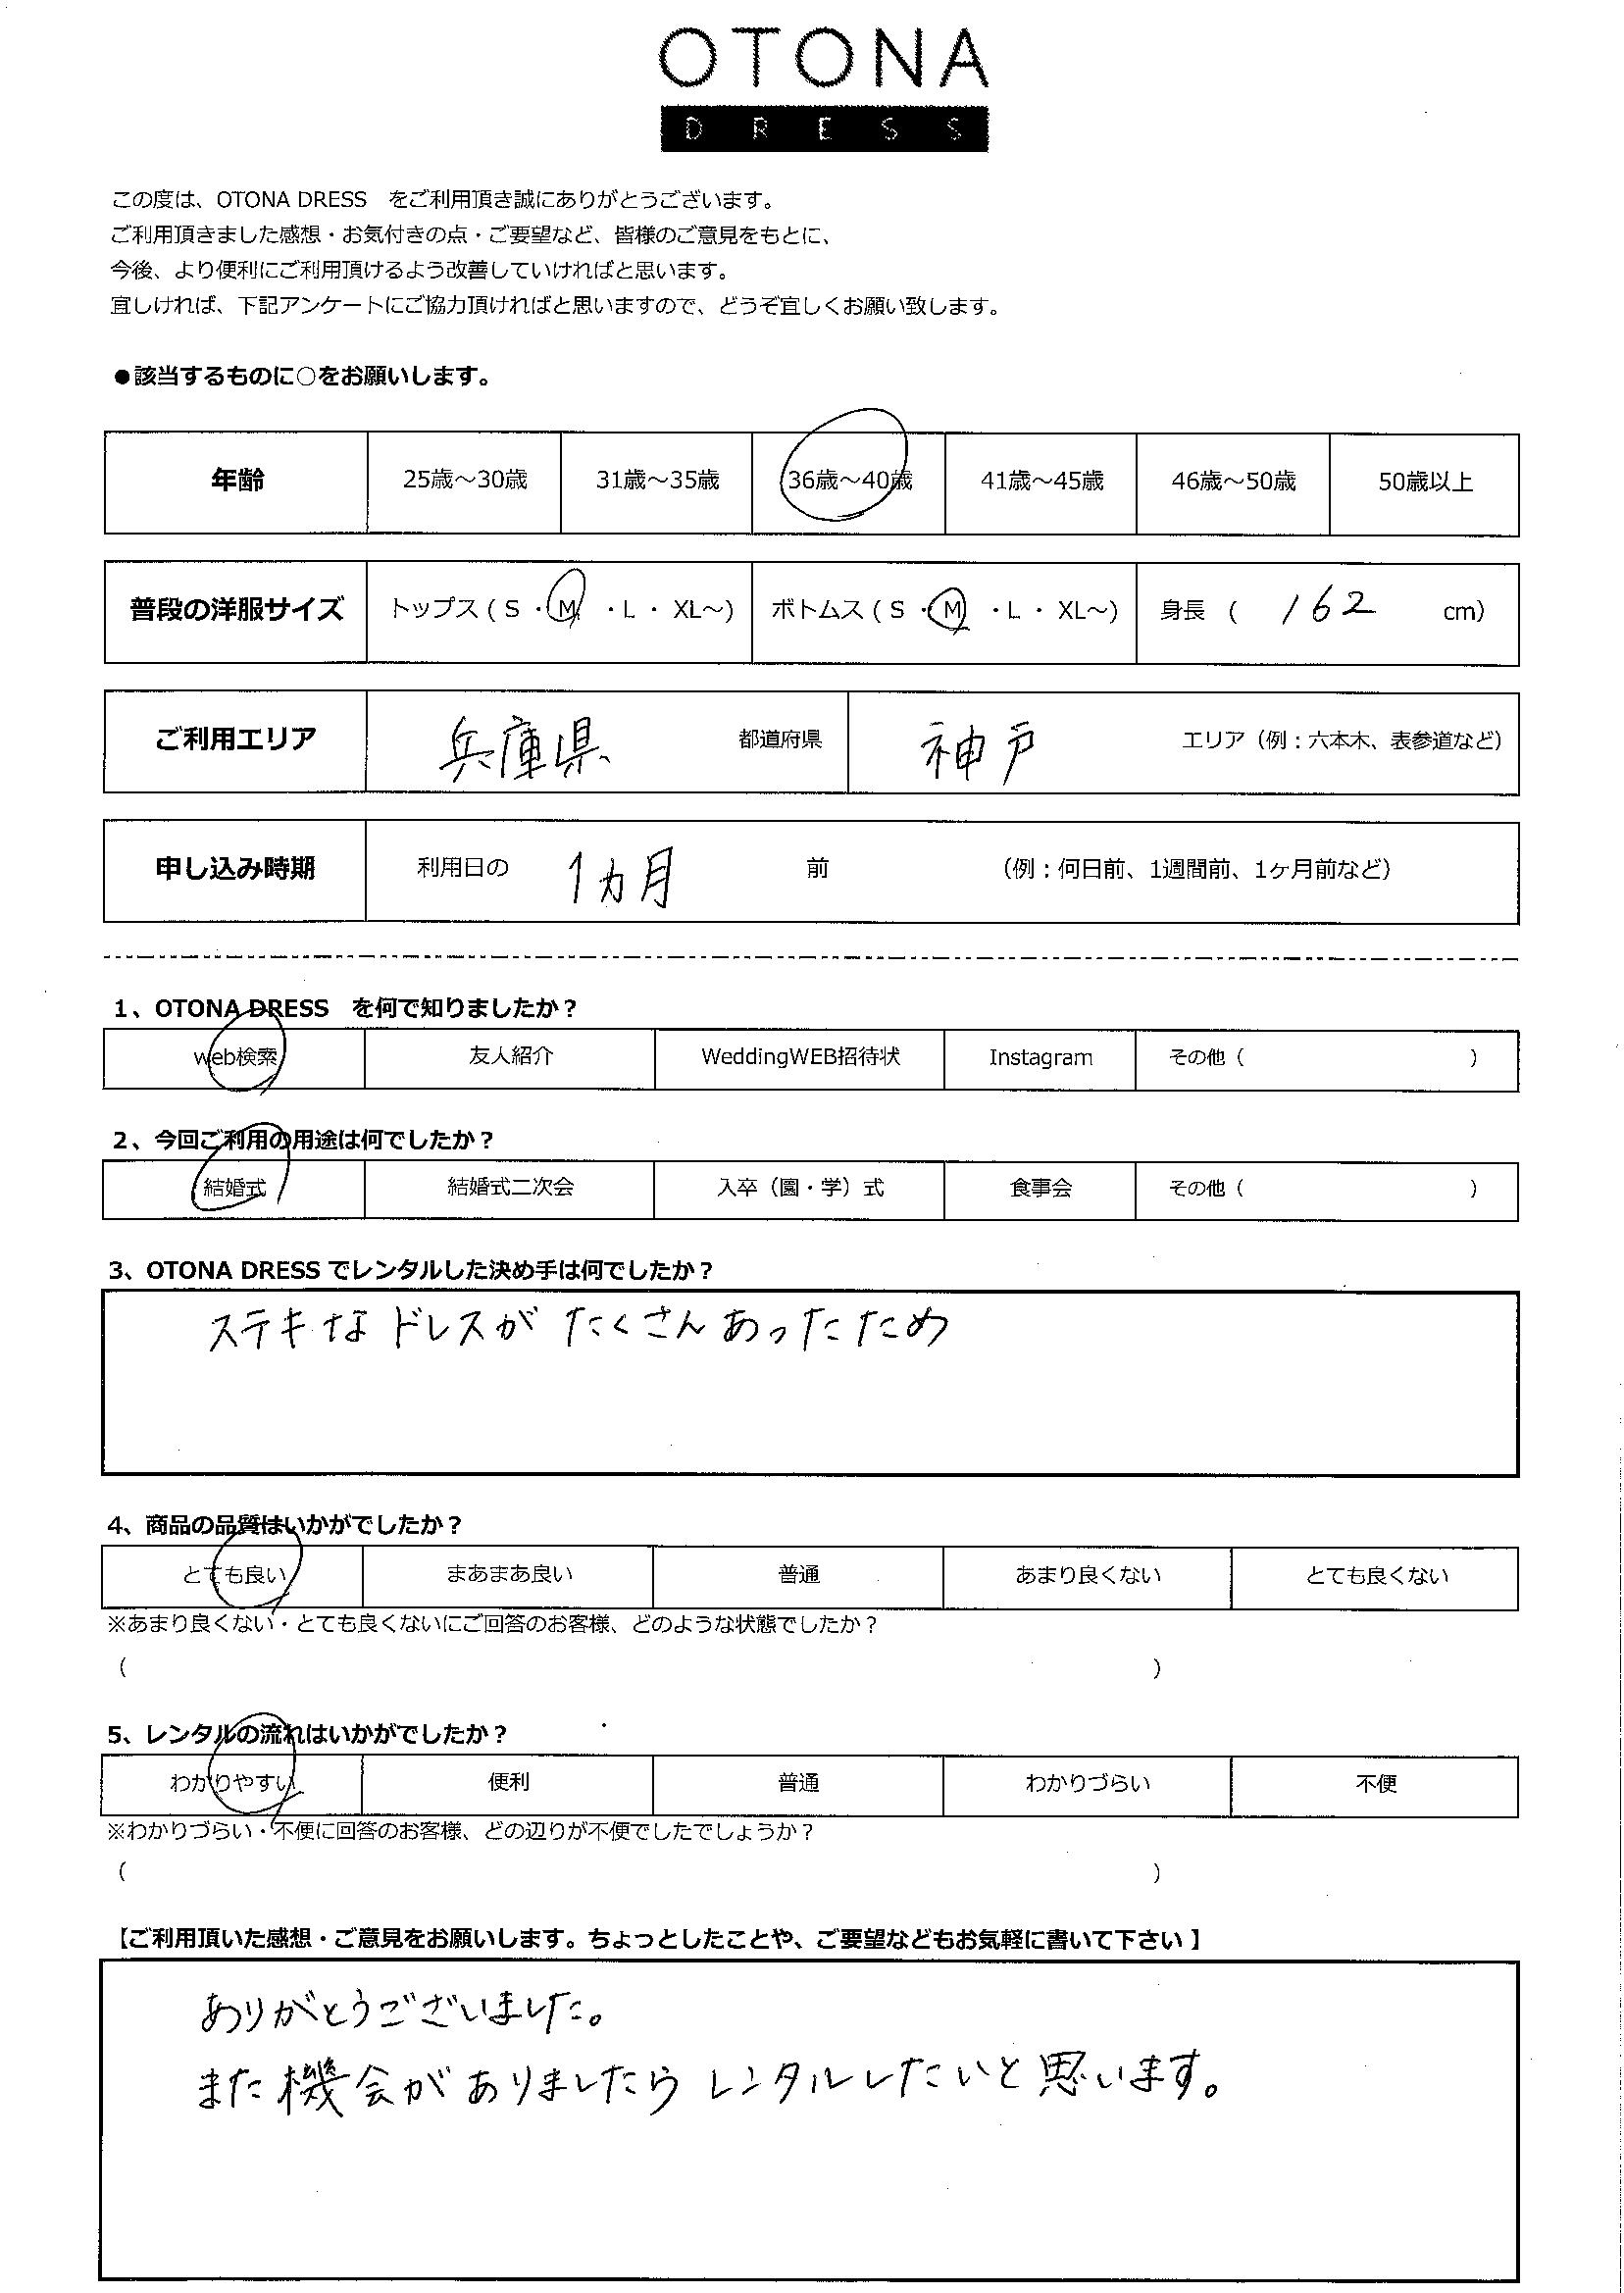 6/26結婚式ご利用 兵庫・神戸エリア